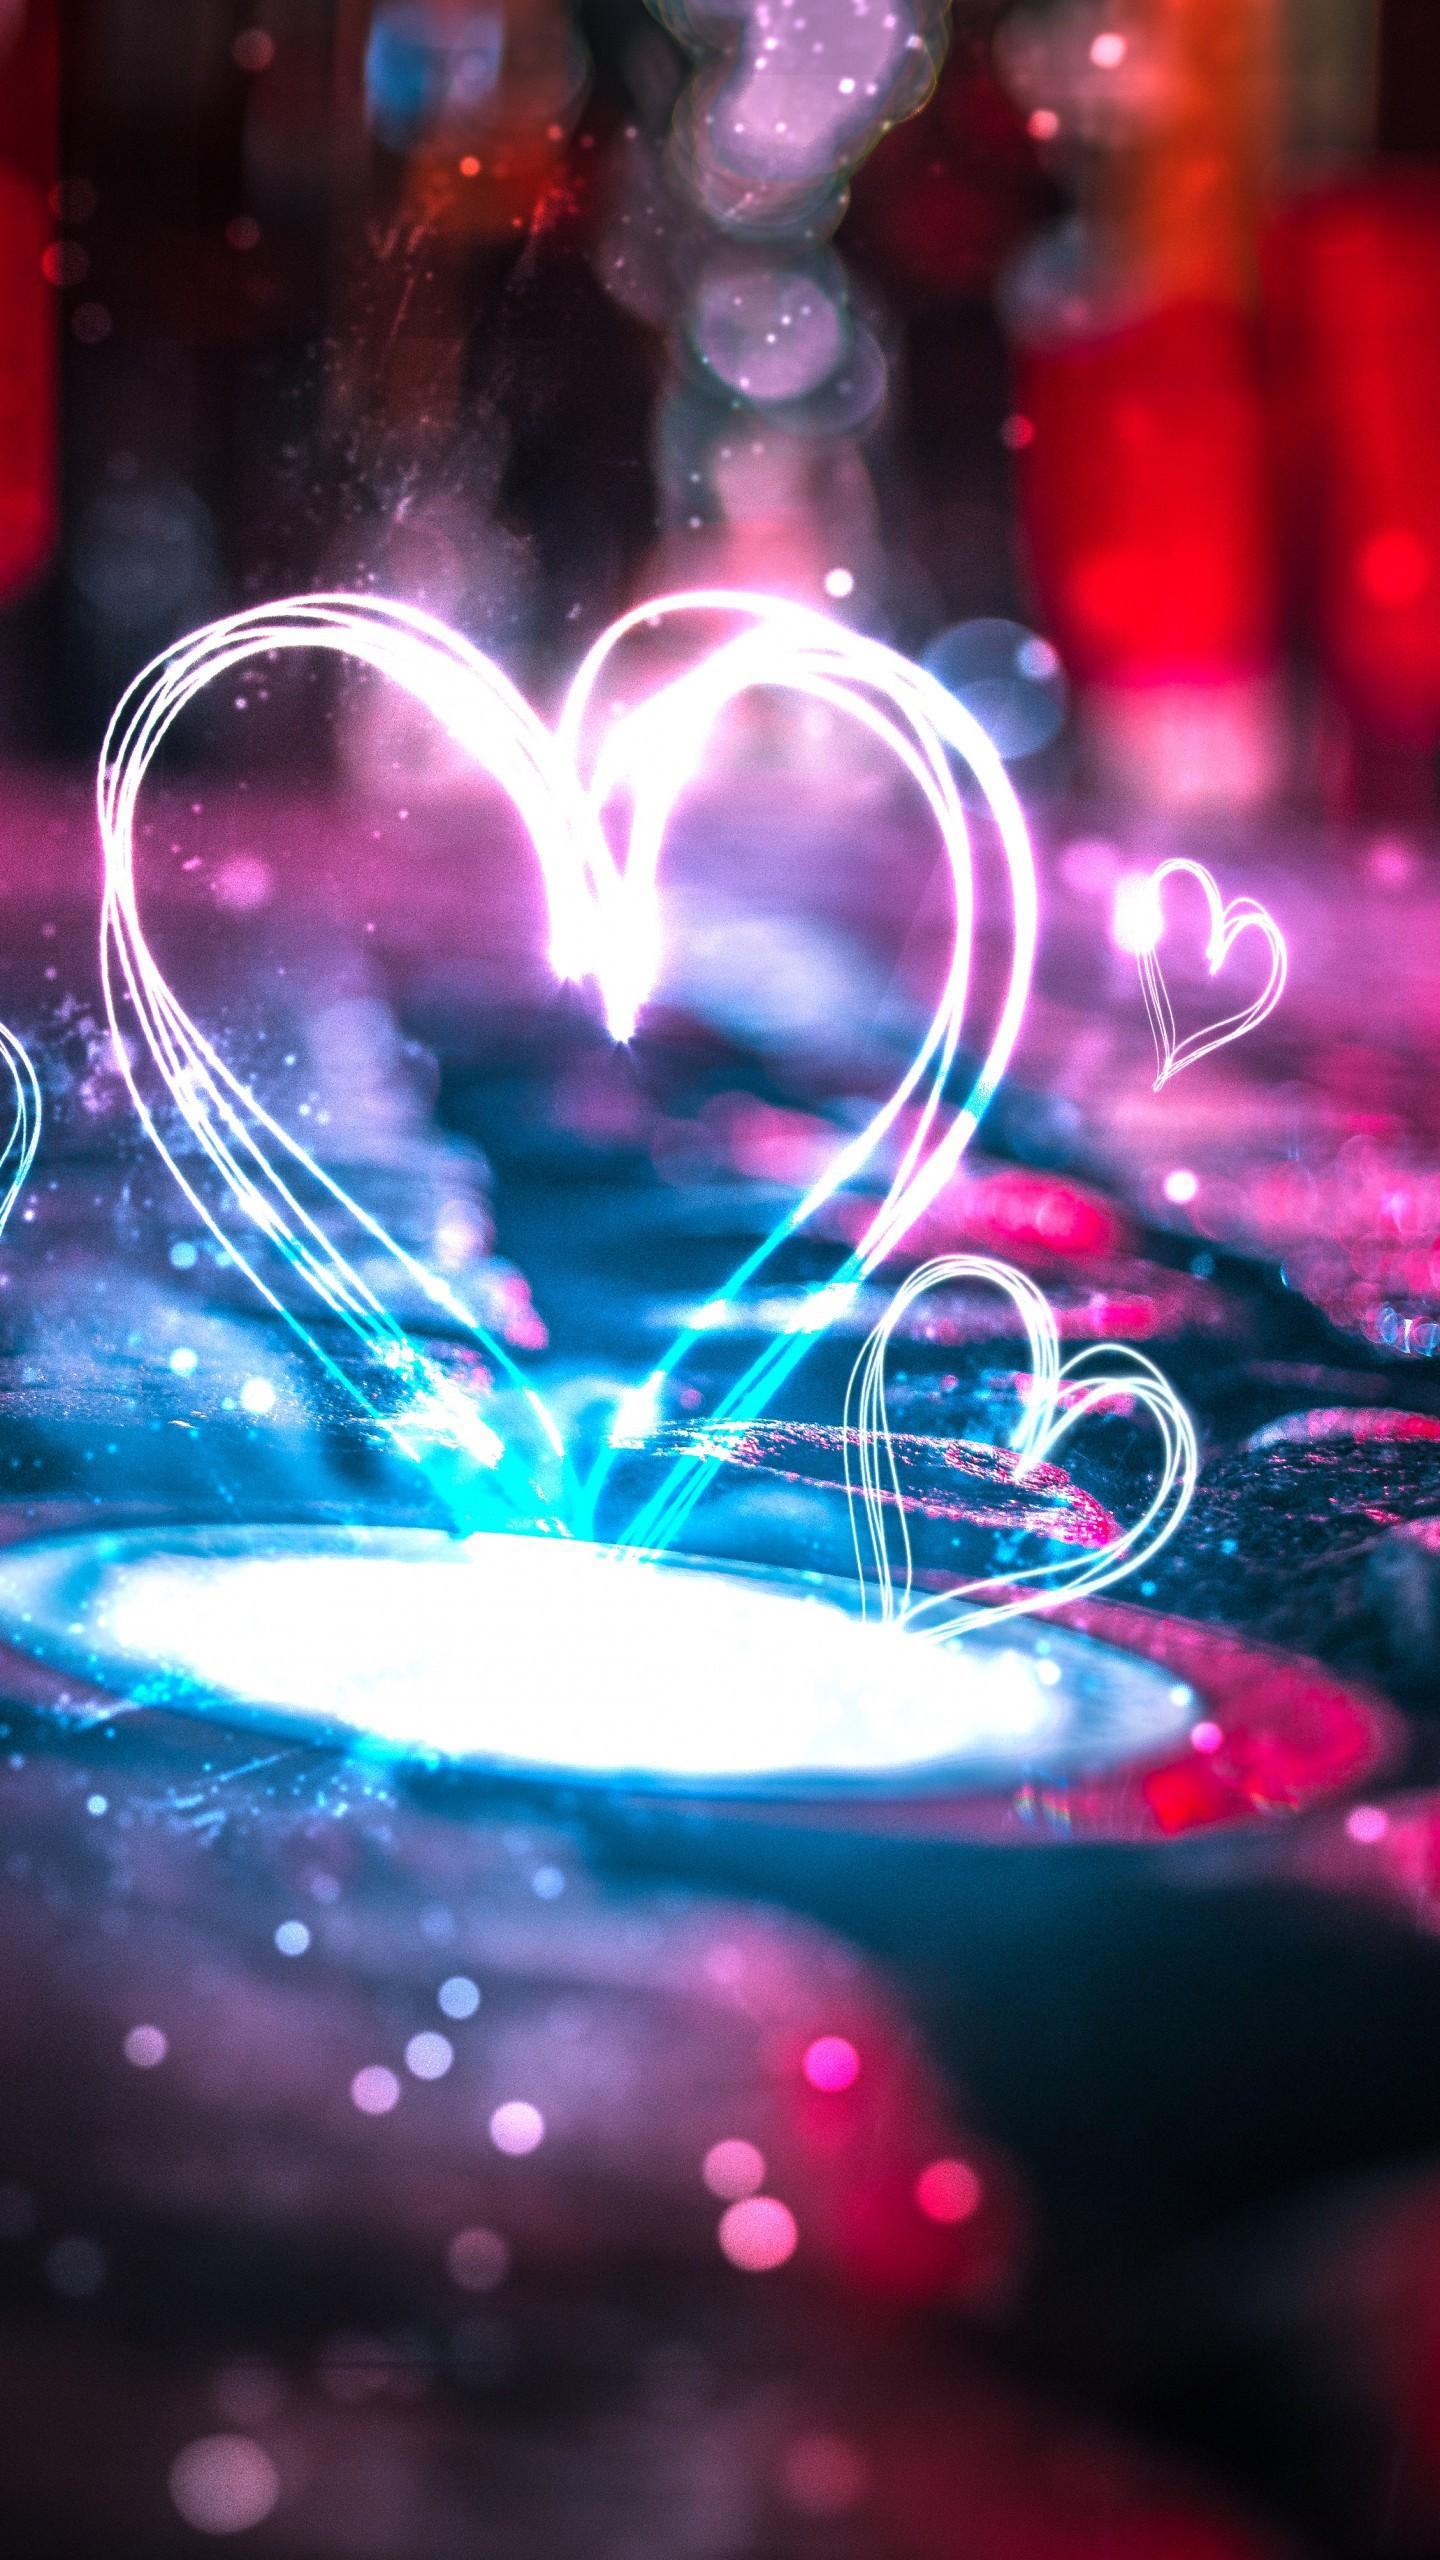 عکس زمینه قلب های عاشق با چراغ های نئون پس زمینه